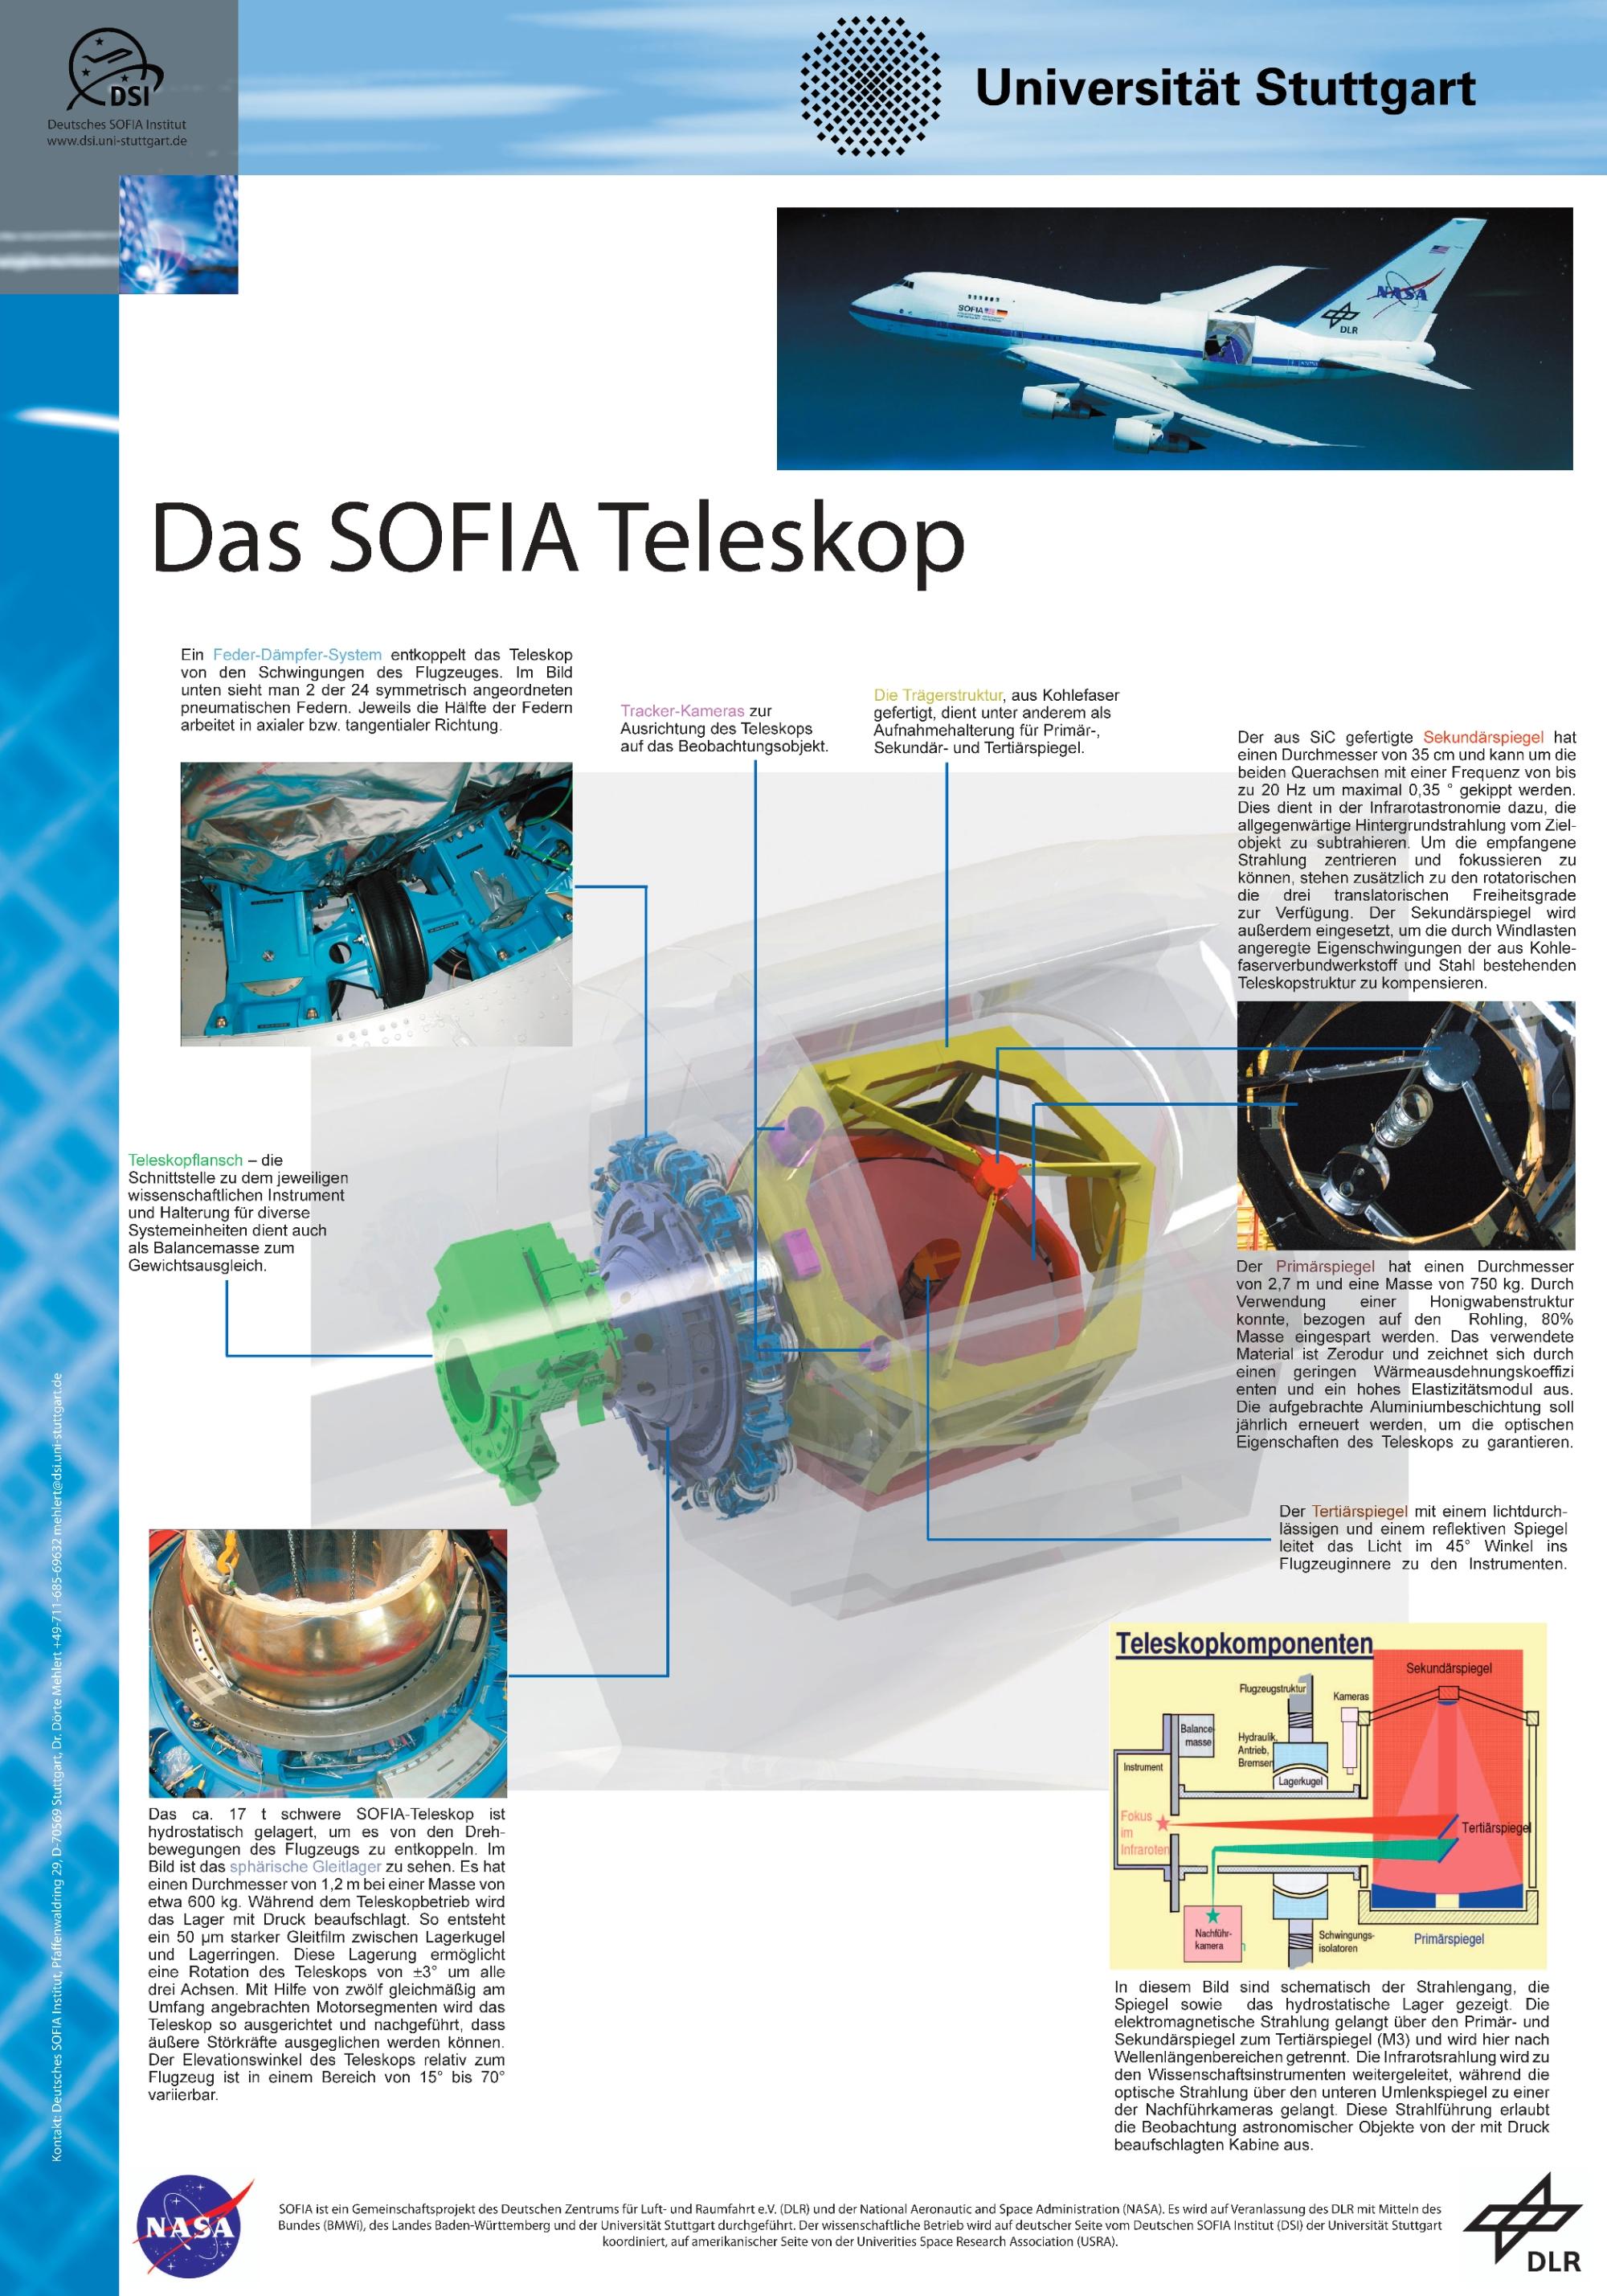 https://opencms.uni-stuttgart.de/project/dsi/img/infomaterial/plakate/sofia_teleskop.jpg